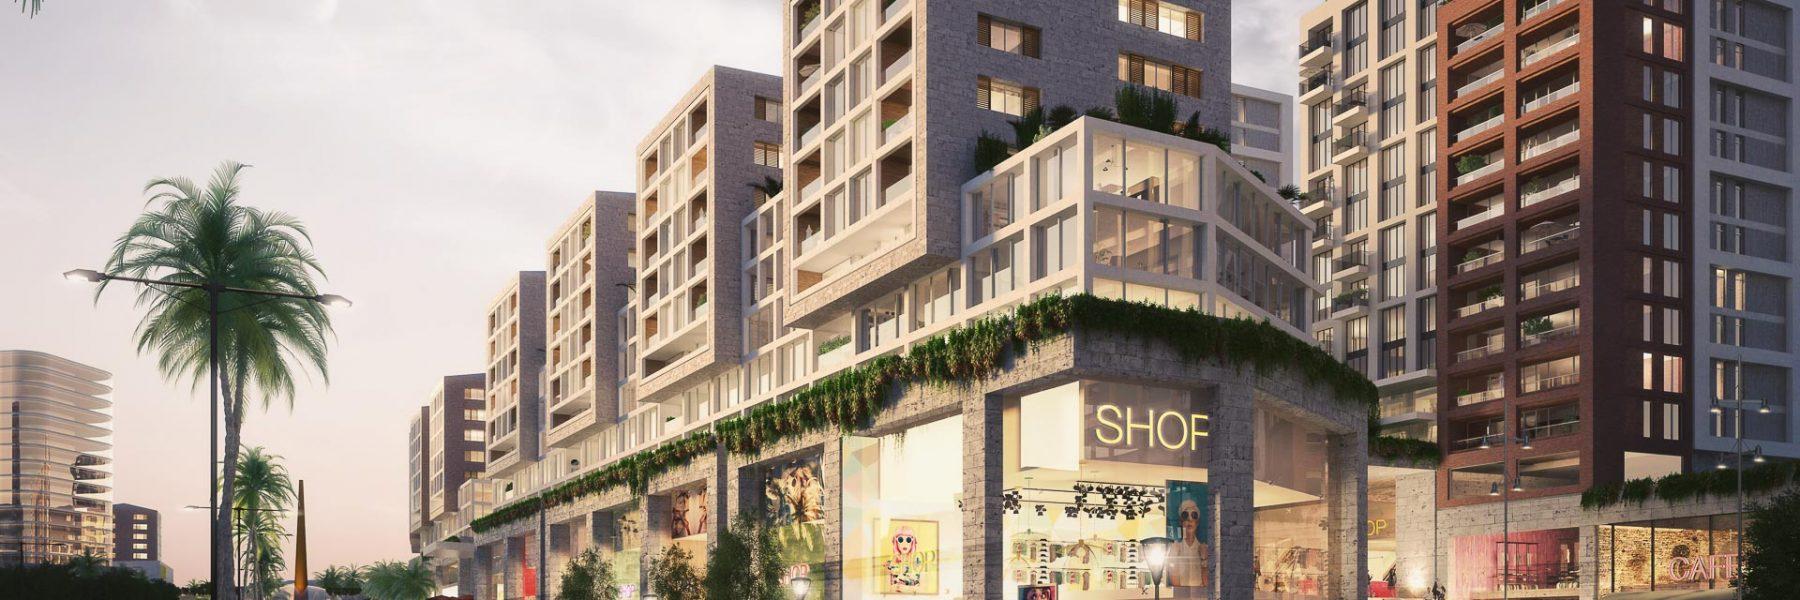 pendik Istanbul retail mixed-use urban housing